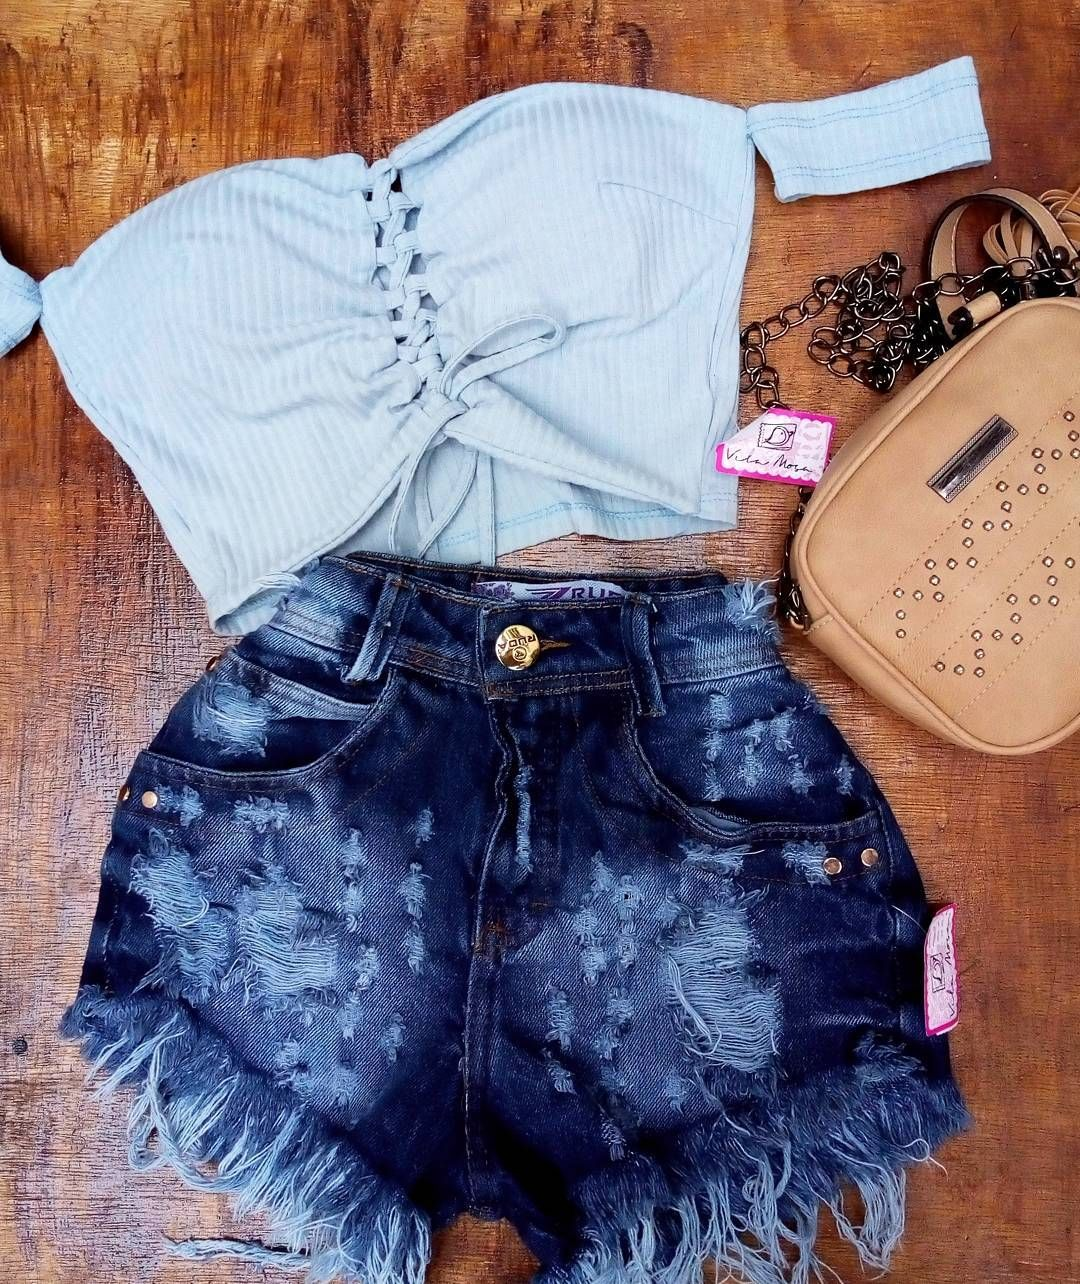 d4fe6b75a Único✨R$35,00 Short Jeans ✨Tam.36✨R$59,99 Bolsa ✨r$49,98 Nossa nova coleção  Tá um luxo de moça tá esperando o quê para adquirir esses looks deuses das  ...